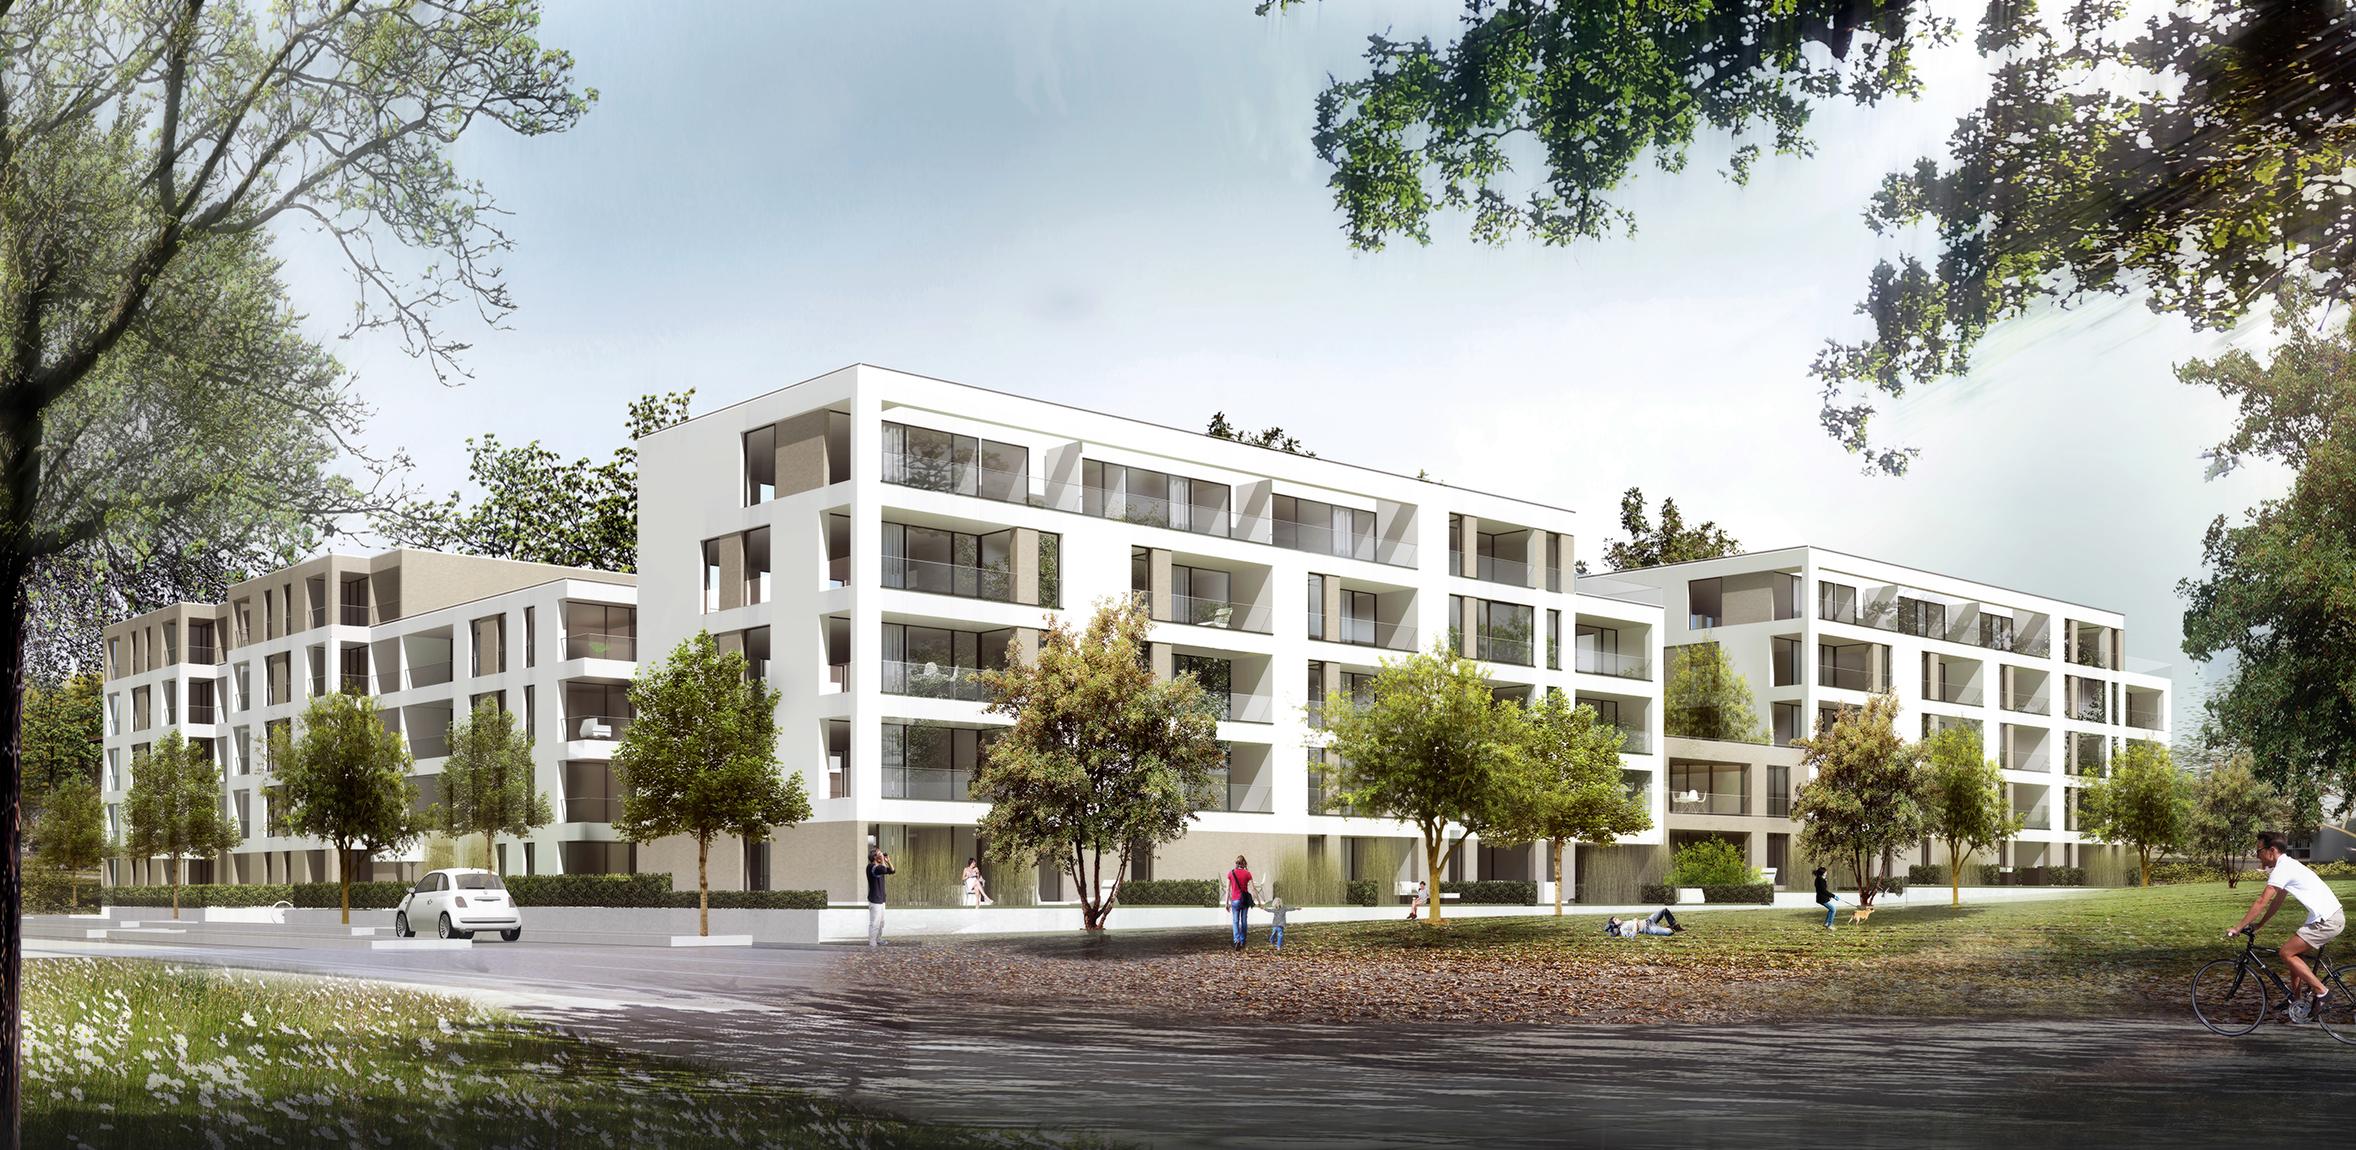 Perspektive Wettbewerb Wohnungsbau Baufeld 2.1 in der Lincoln Siedlung in Darmstadt von Bitsch+Bienstein Architekten